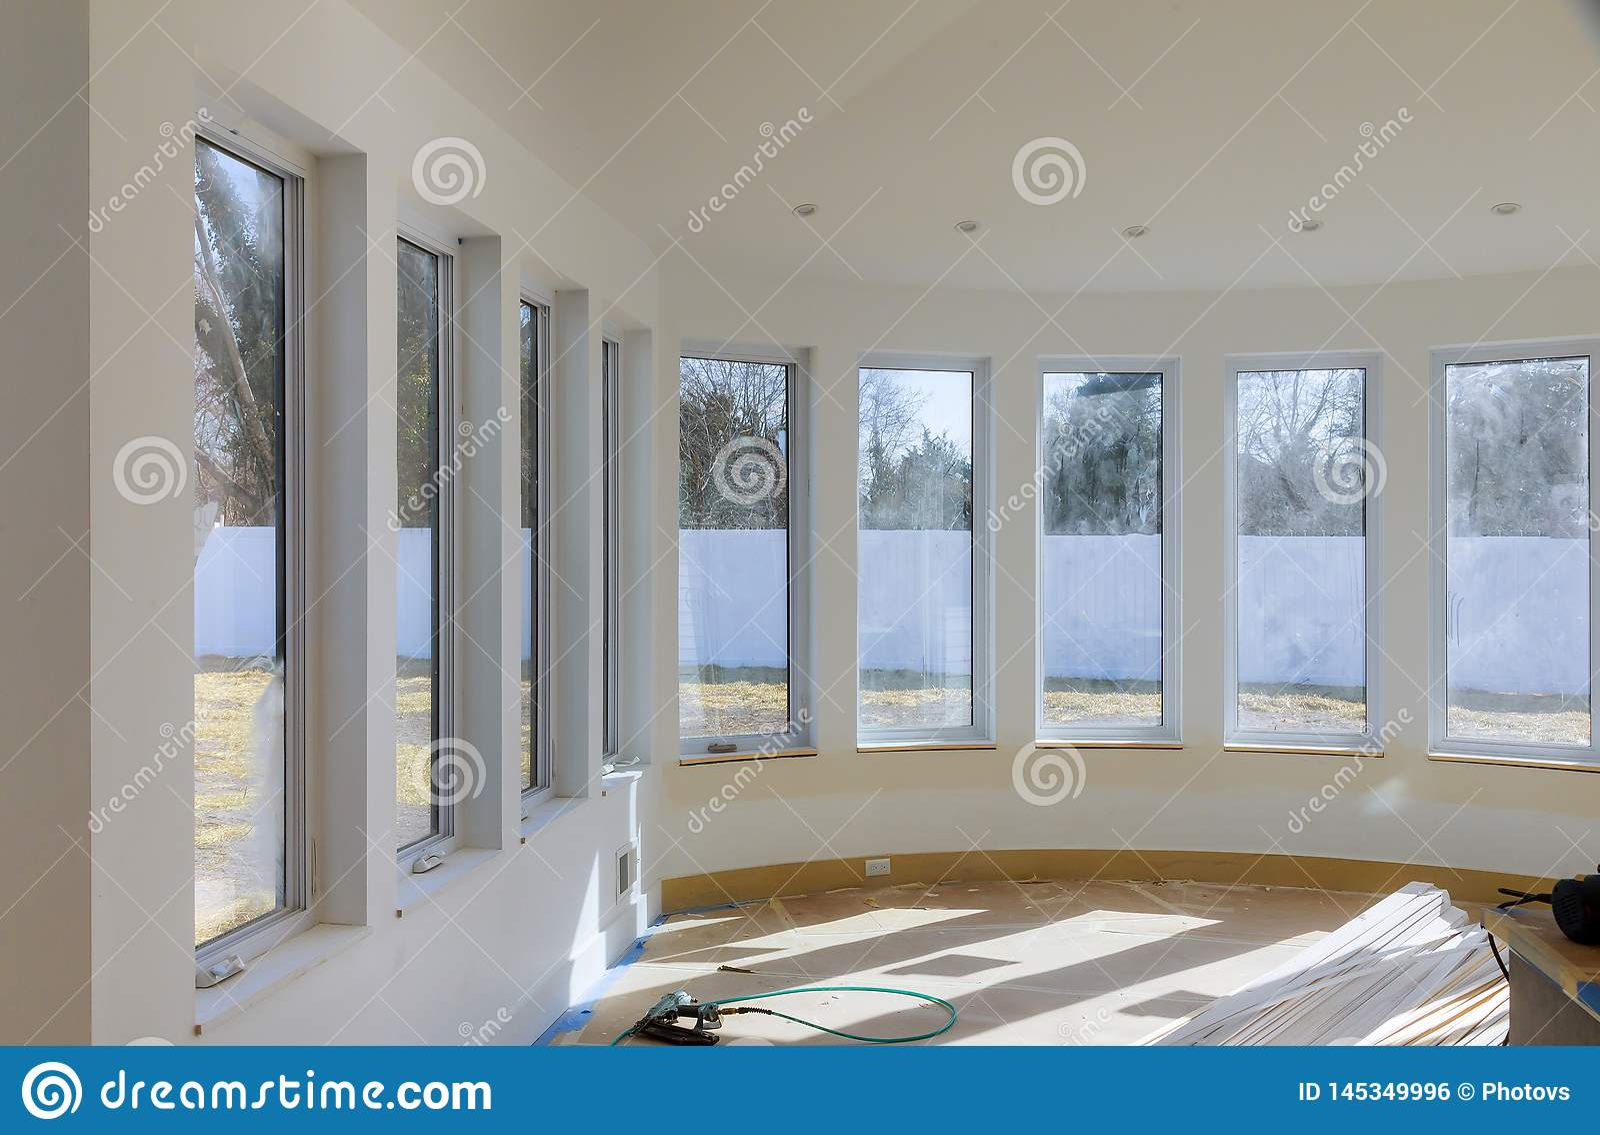 Процесс для нижних конструкции, remodeling, реновации, расширения, восстановления и реконструкции